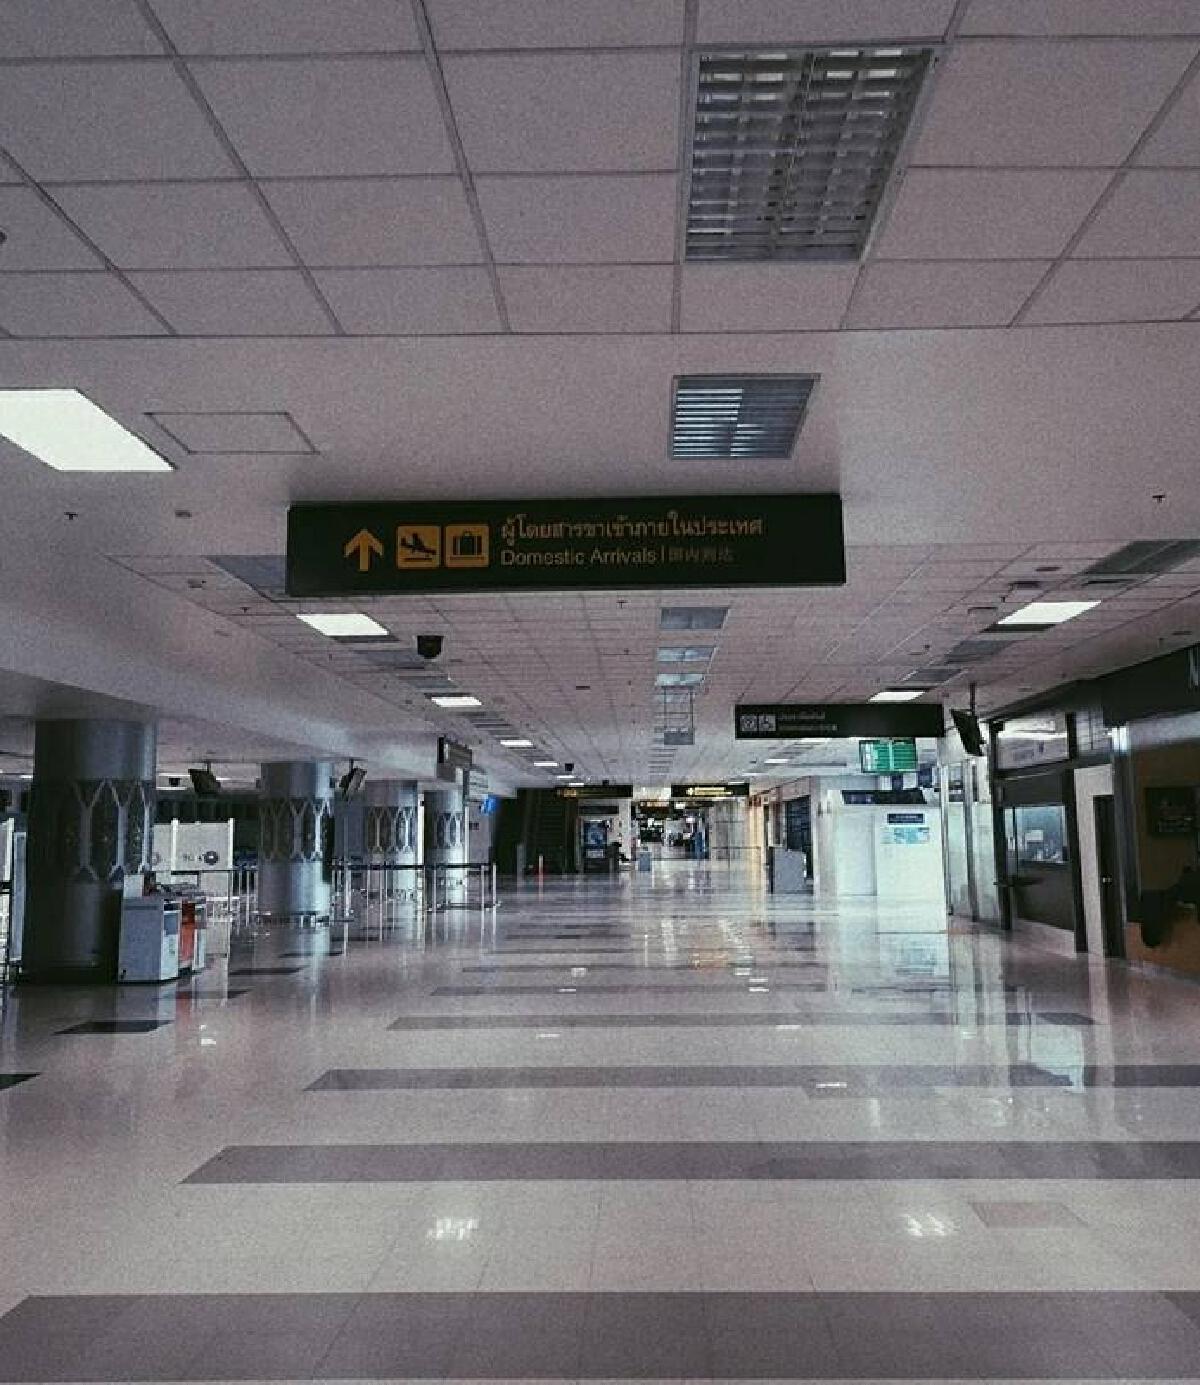 เปิดภาพบรรยากาศ สนามบินเชียงใหม่ ปัจจุบันร้างไร้ผู้คน